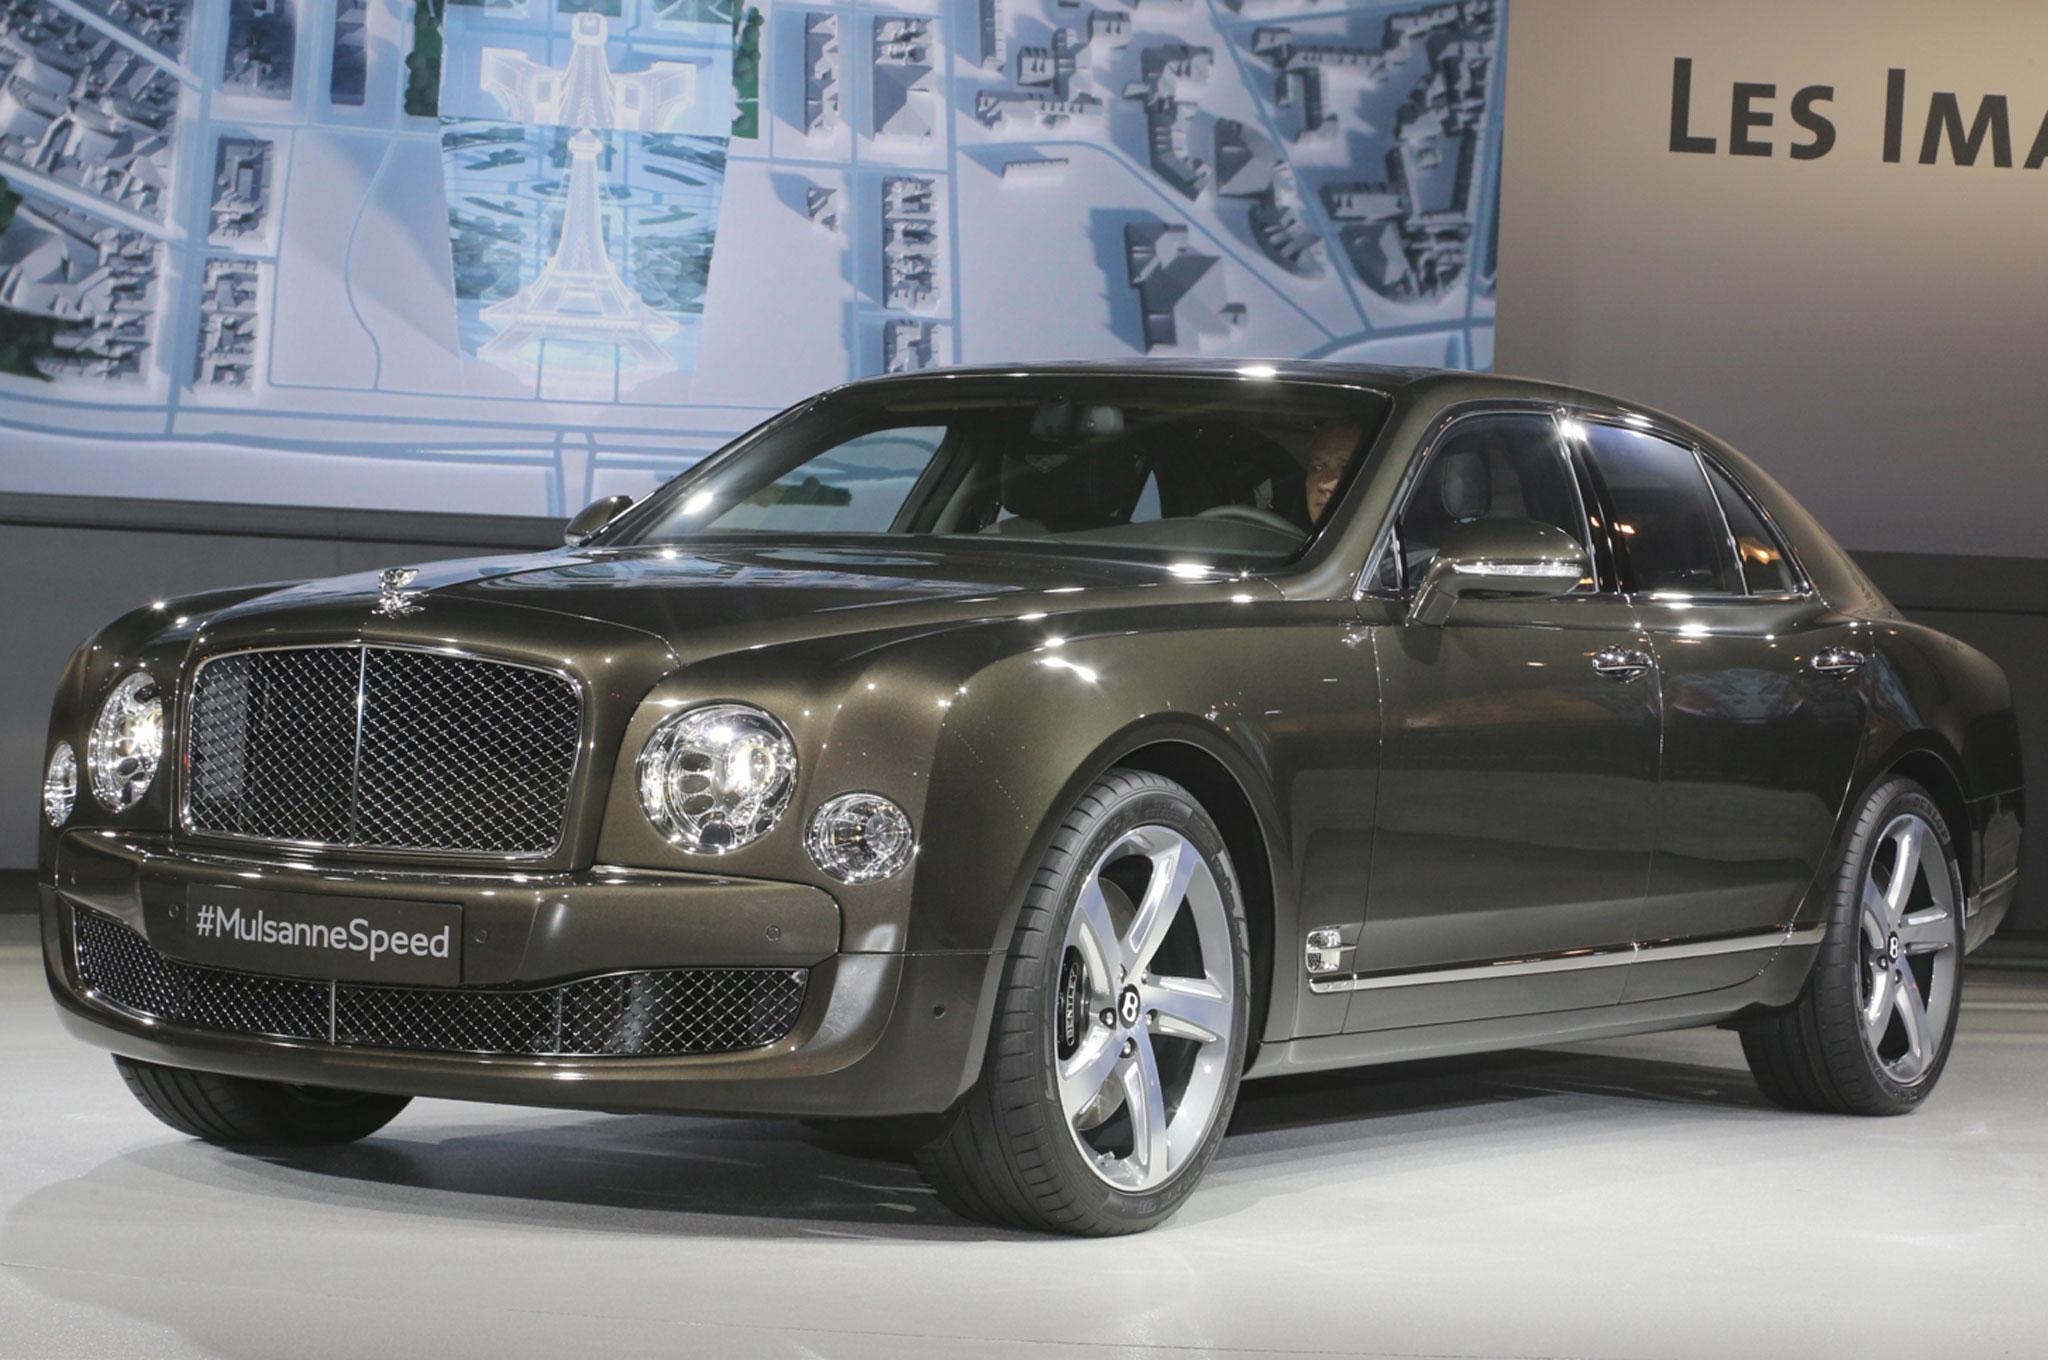 2015 Bentley Mulsanne Debuts at 2014 Paris Motor Show